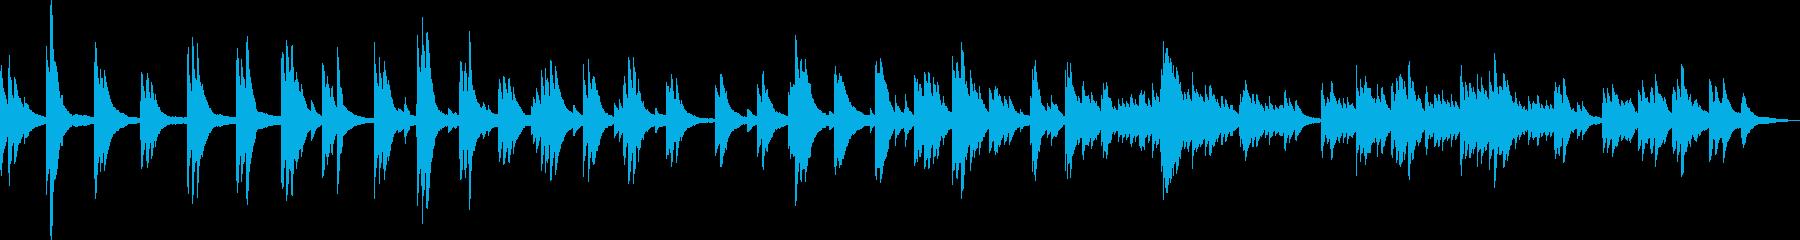 後悔(ピアノソロ・バラード・悲しい)の再生済みの波形